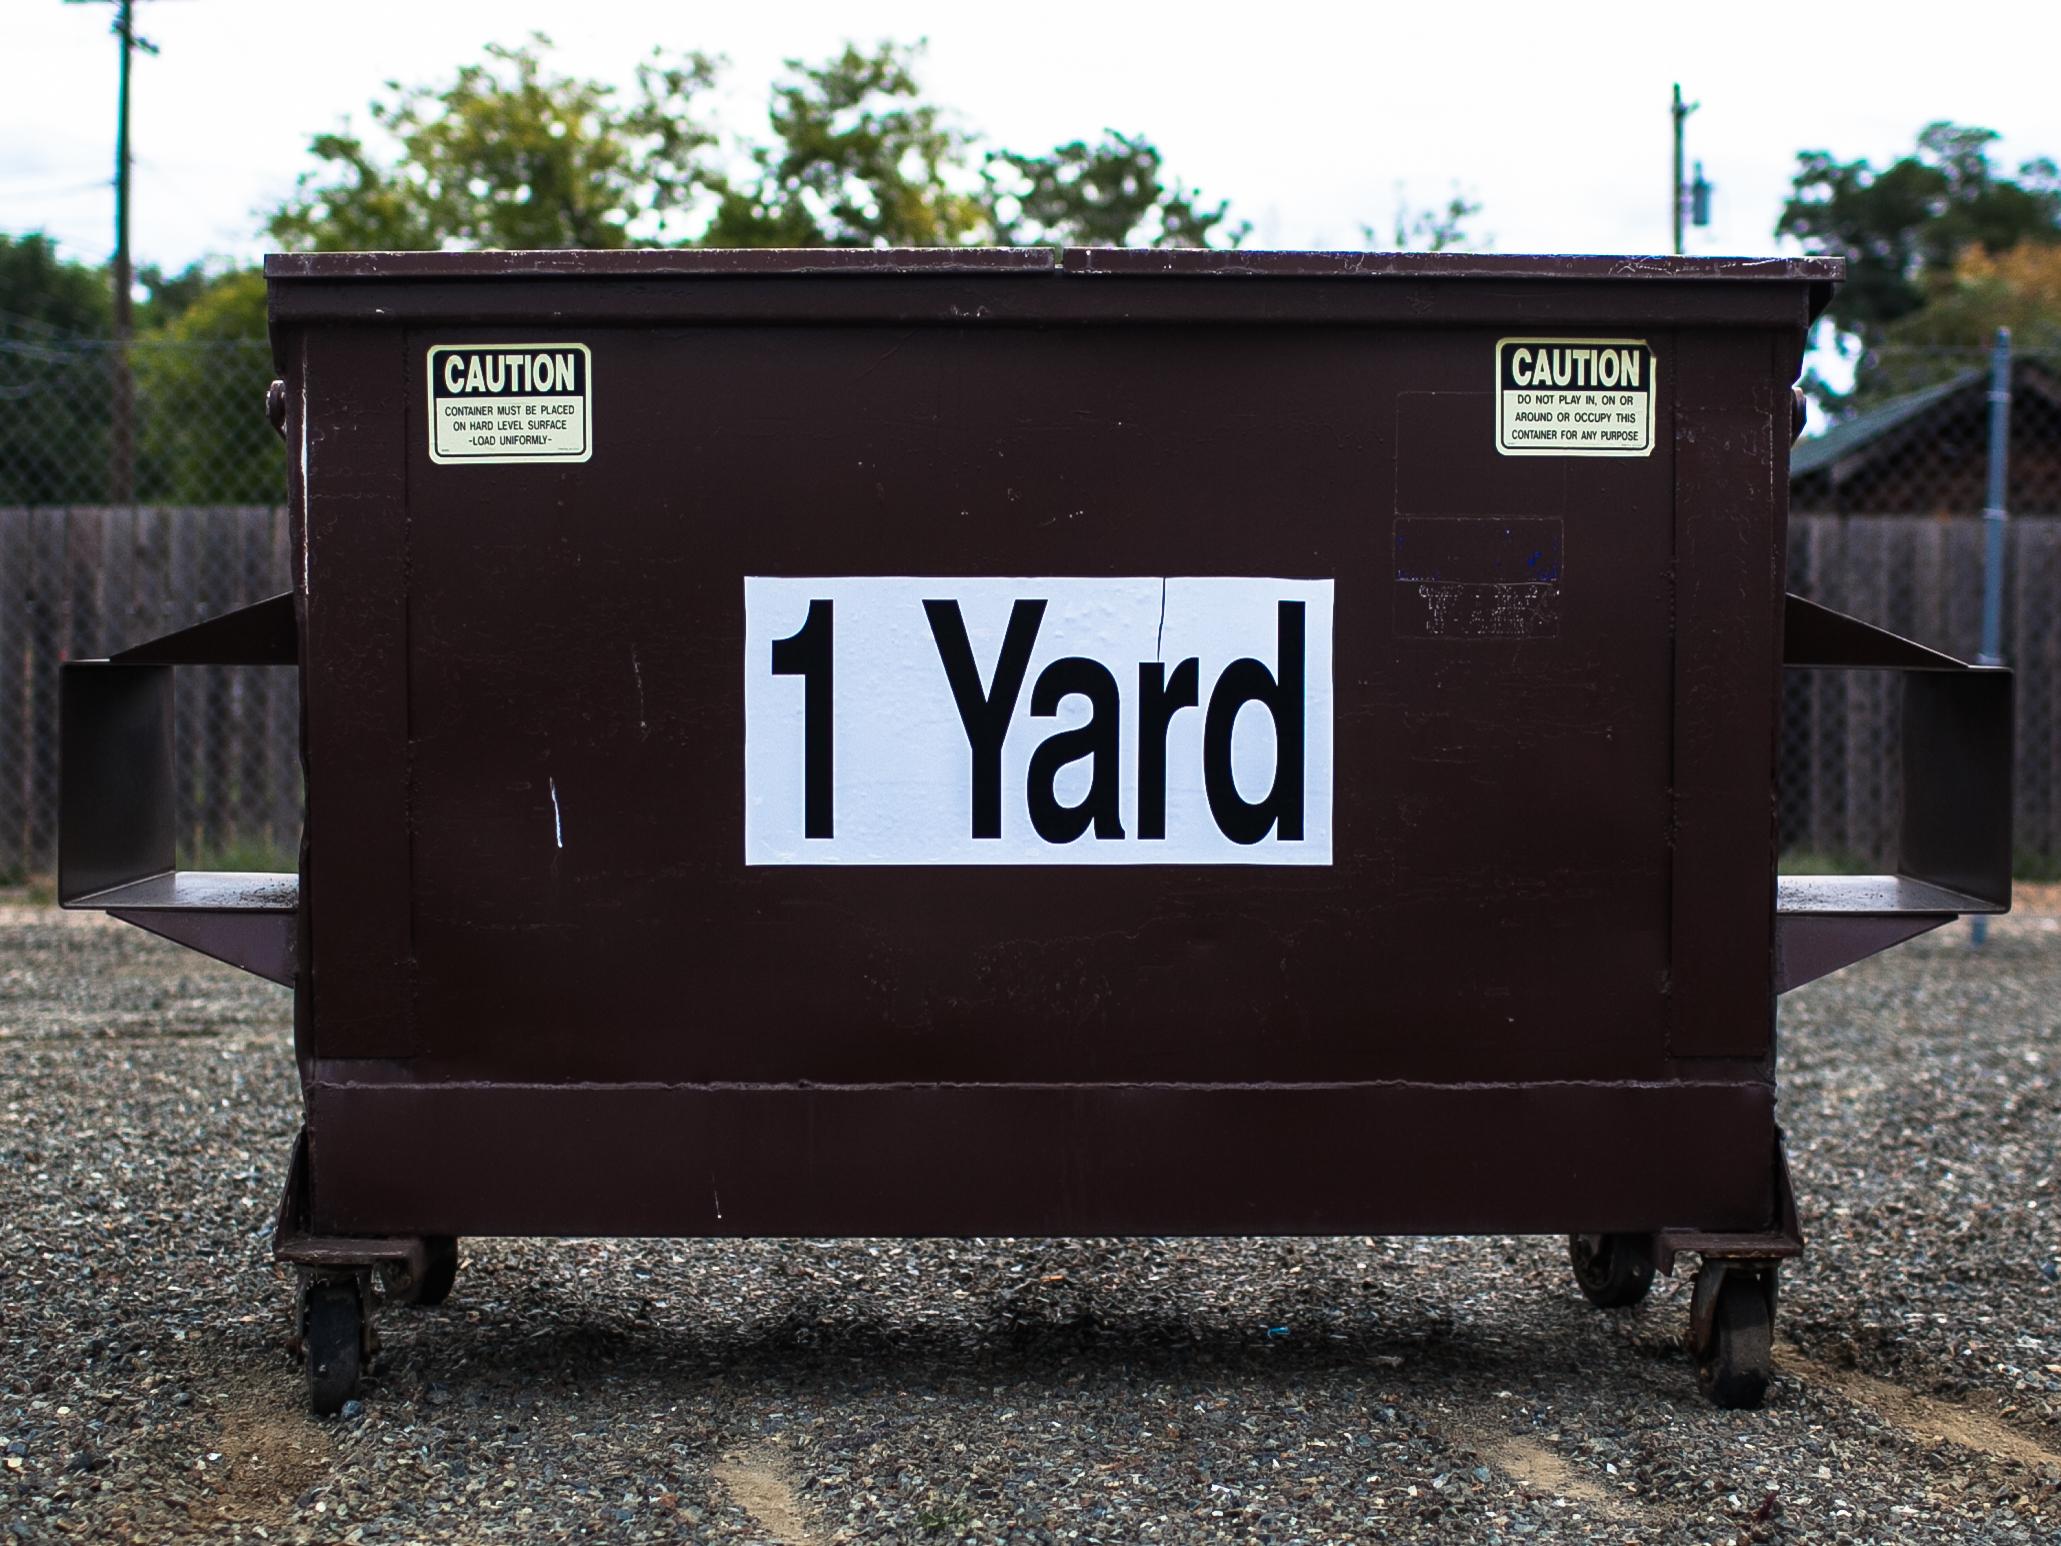 1 Yard